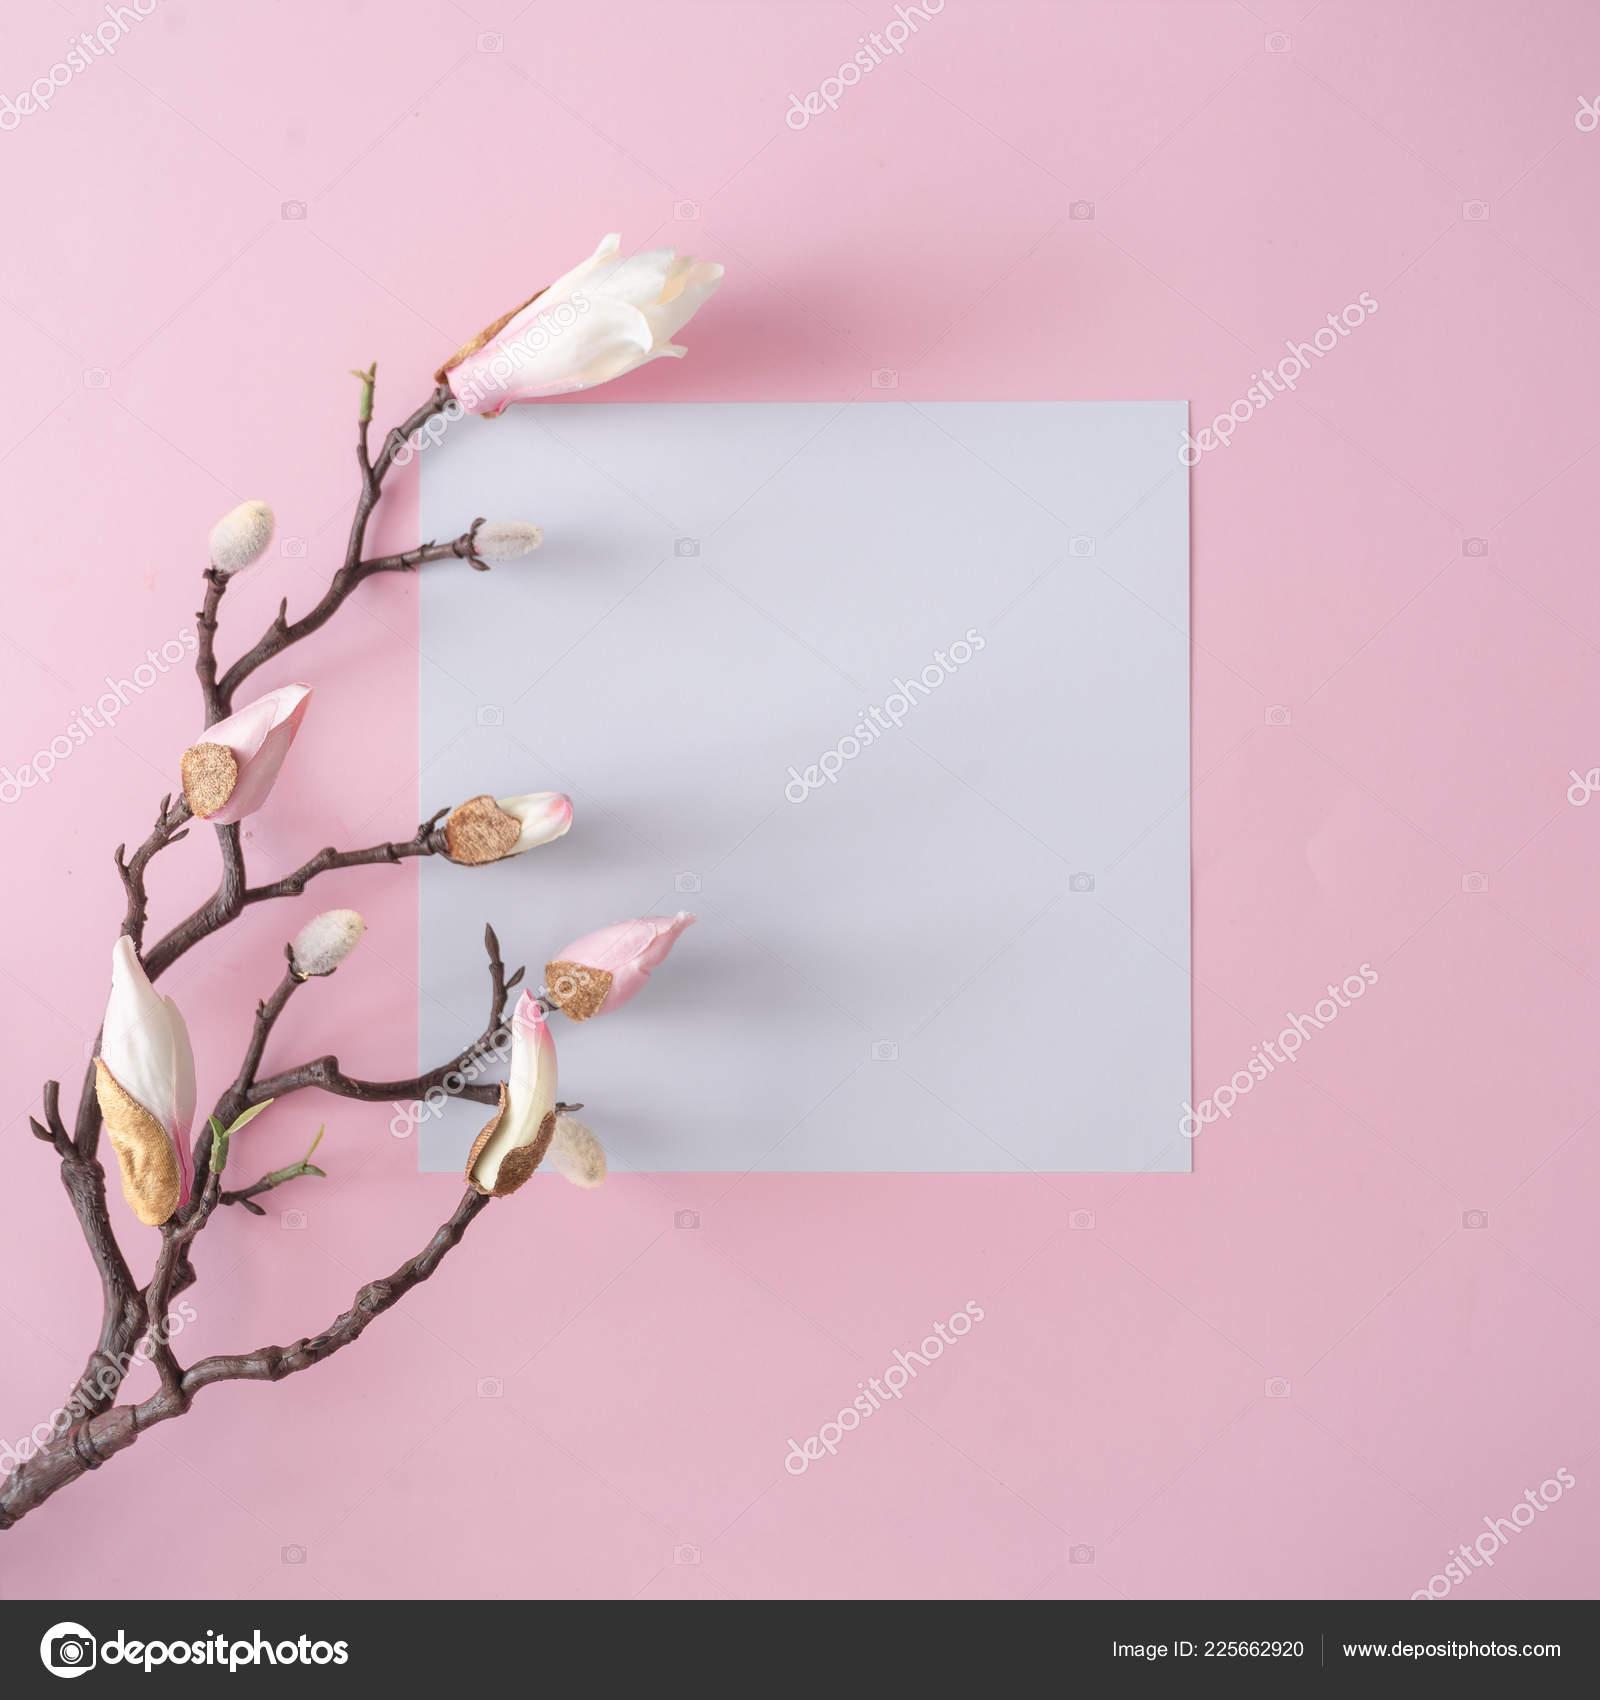 Zweig Mit Weißen Blüten Und Papier Karte Hinweis Auf Pastell